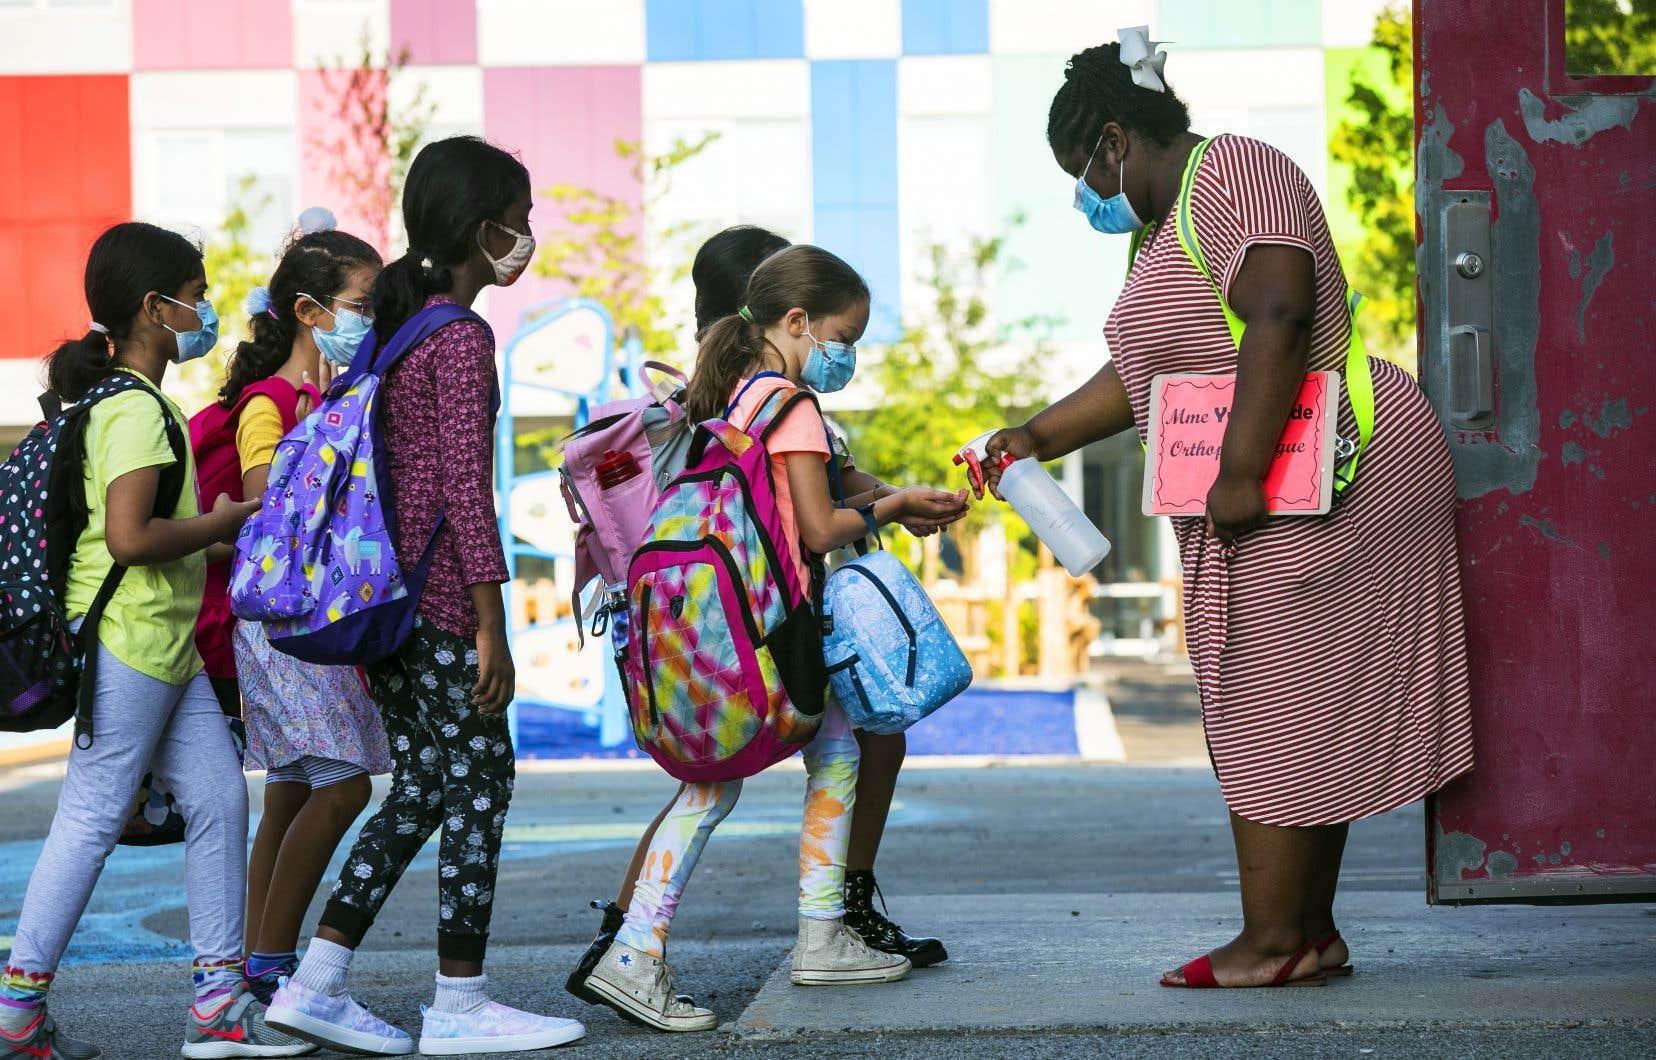 Des milliers d'enfants étaient ravis de retrouver leurs amis dans la cour d'école, jeudi.